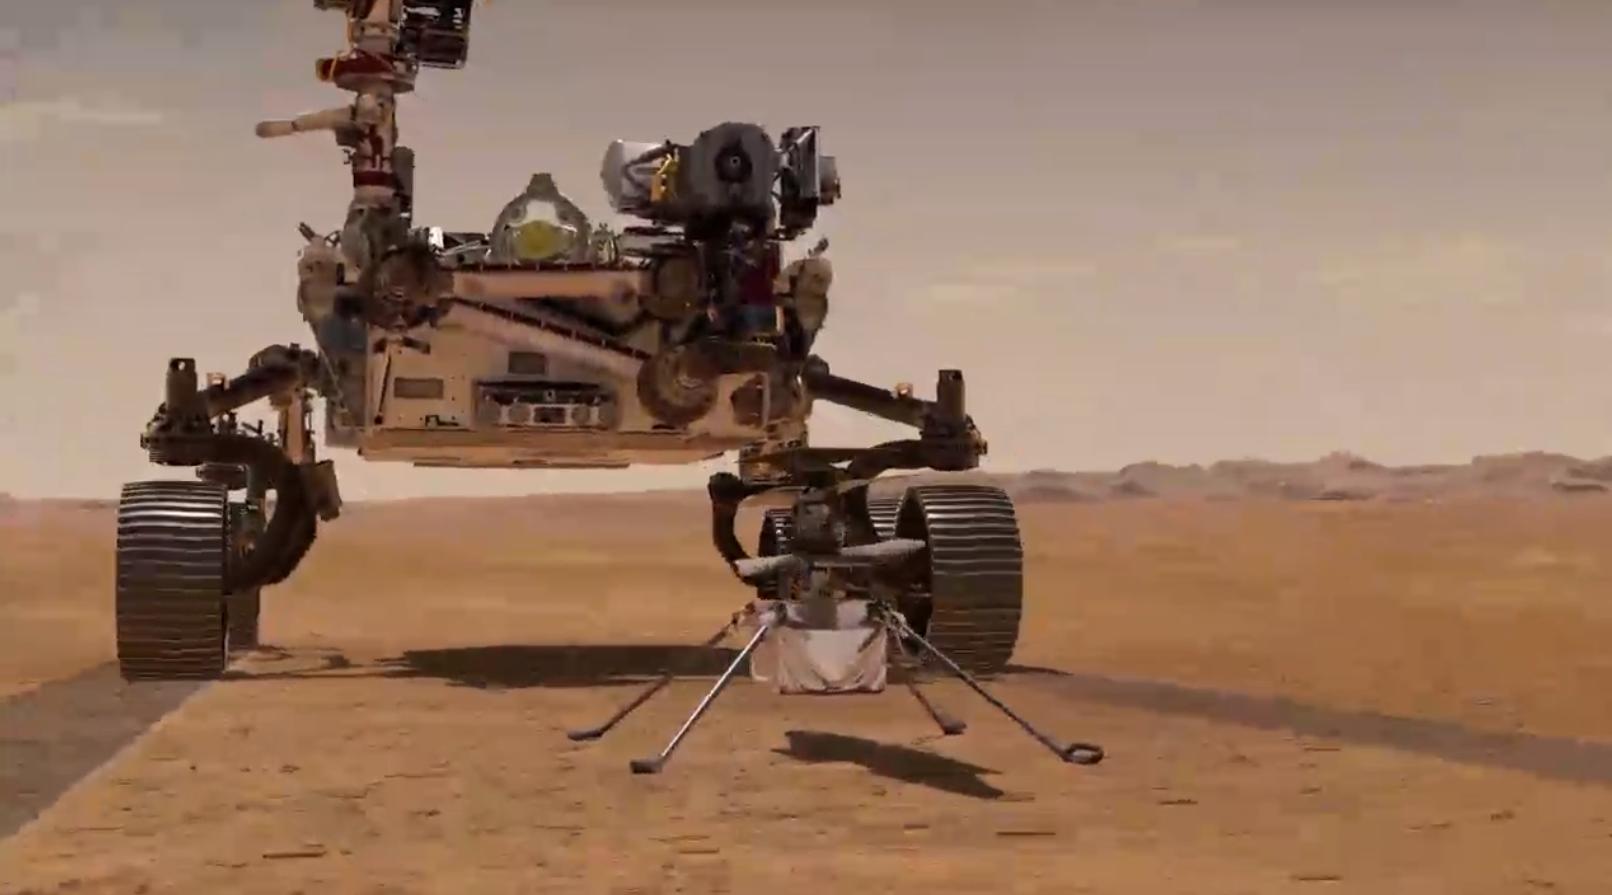 Représentation d'artiste de l'hélicoptère Mars Ingenuity se séparant du rover Perseverance de la NASA sur Mars.